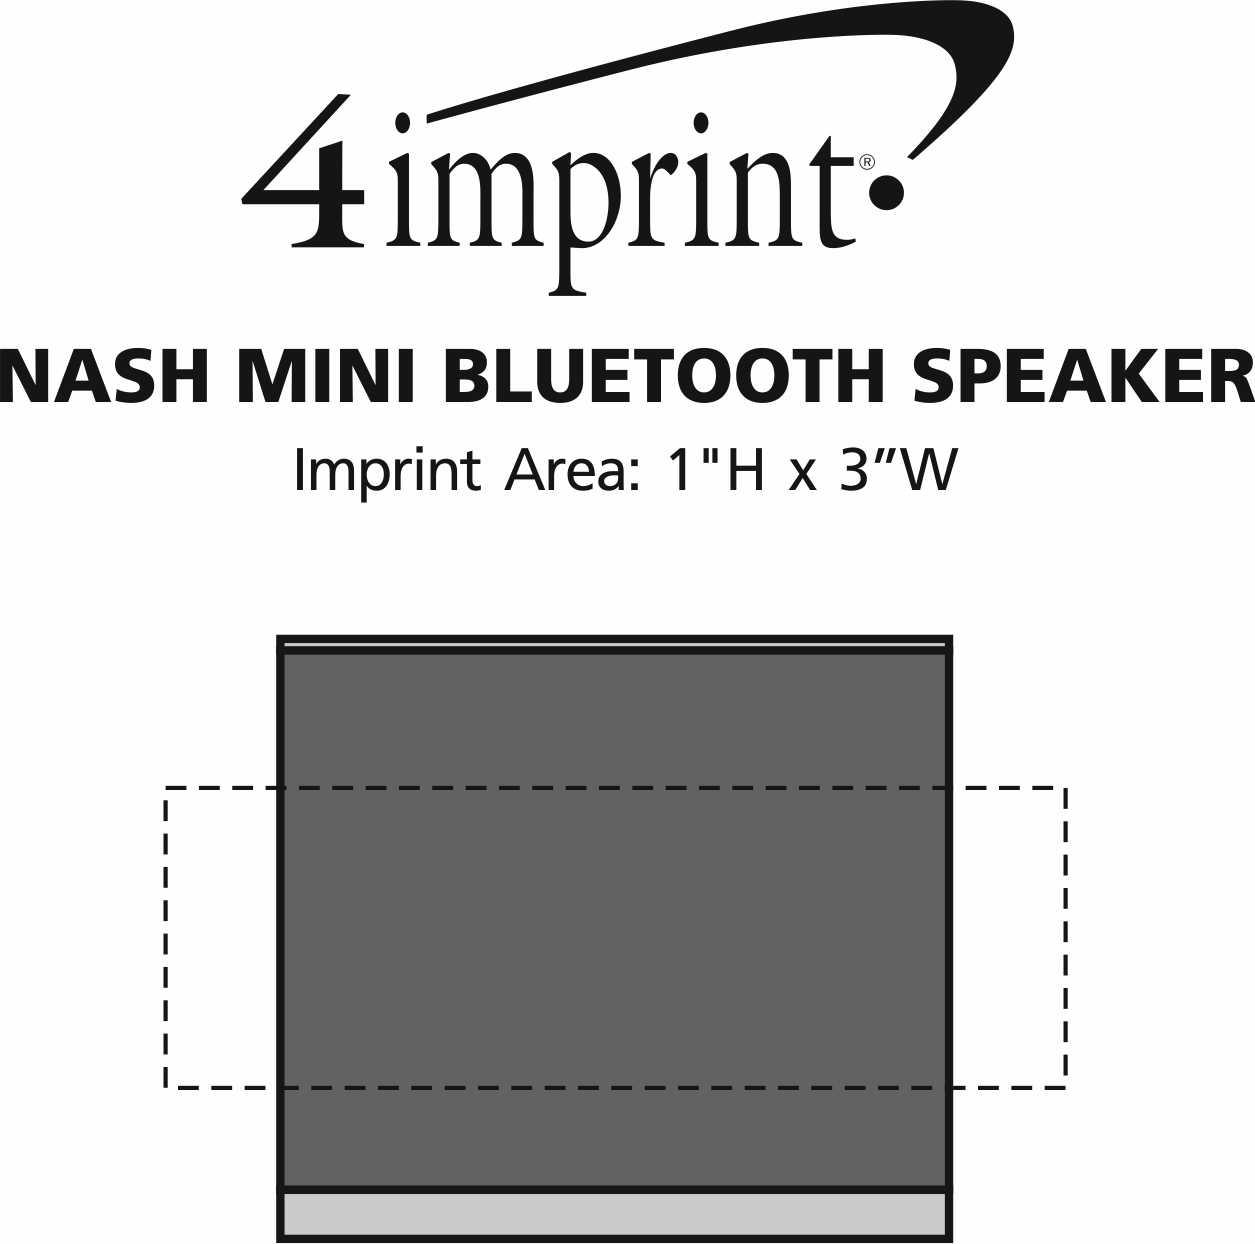 Imprint Area of Nash Mini Bluetooth Speaker